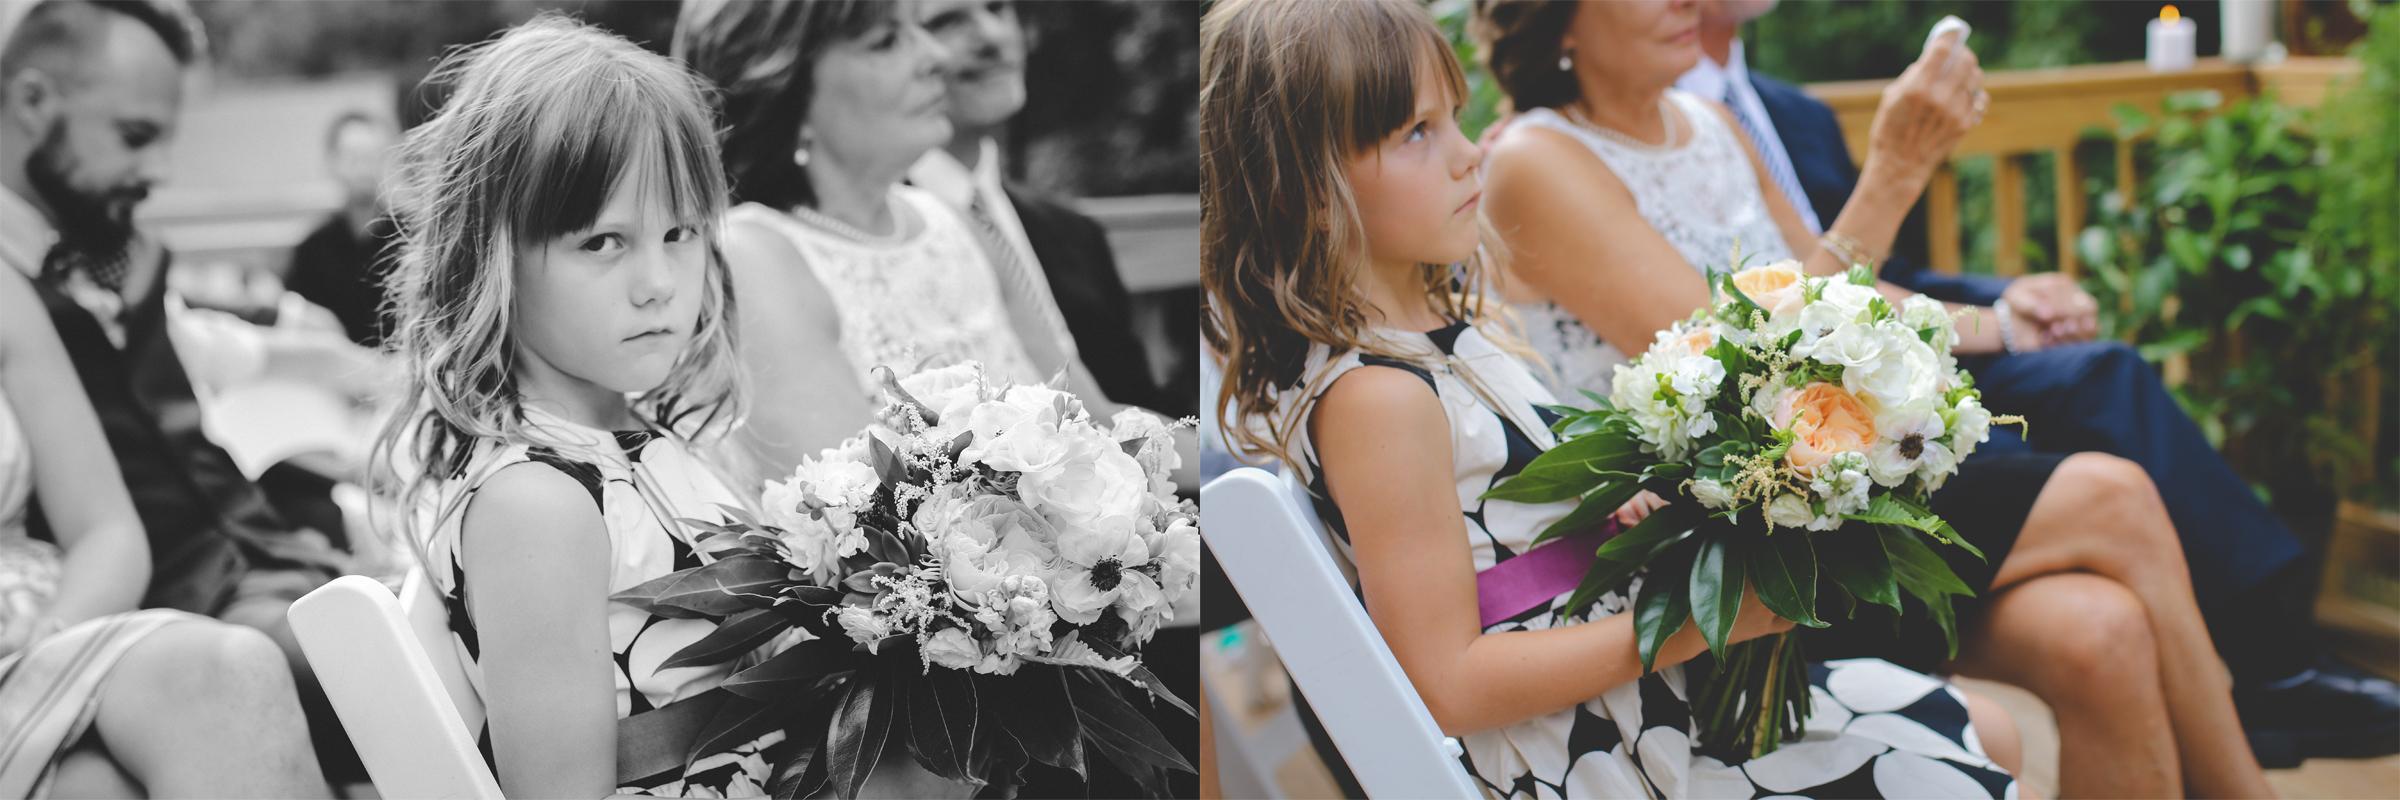 Abi + Dave DC Wedding5.jpg